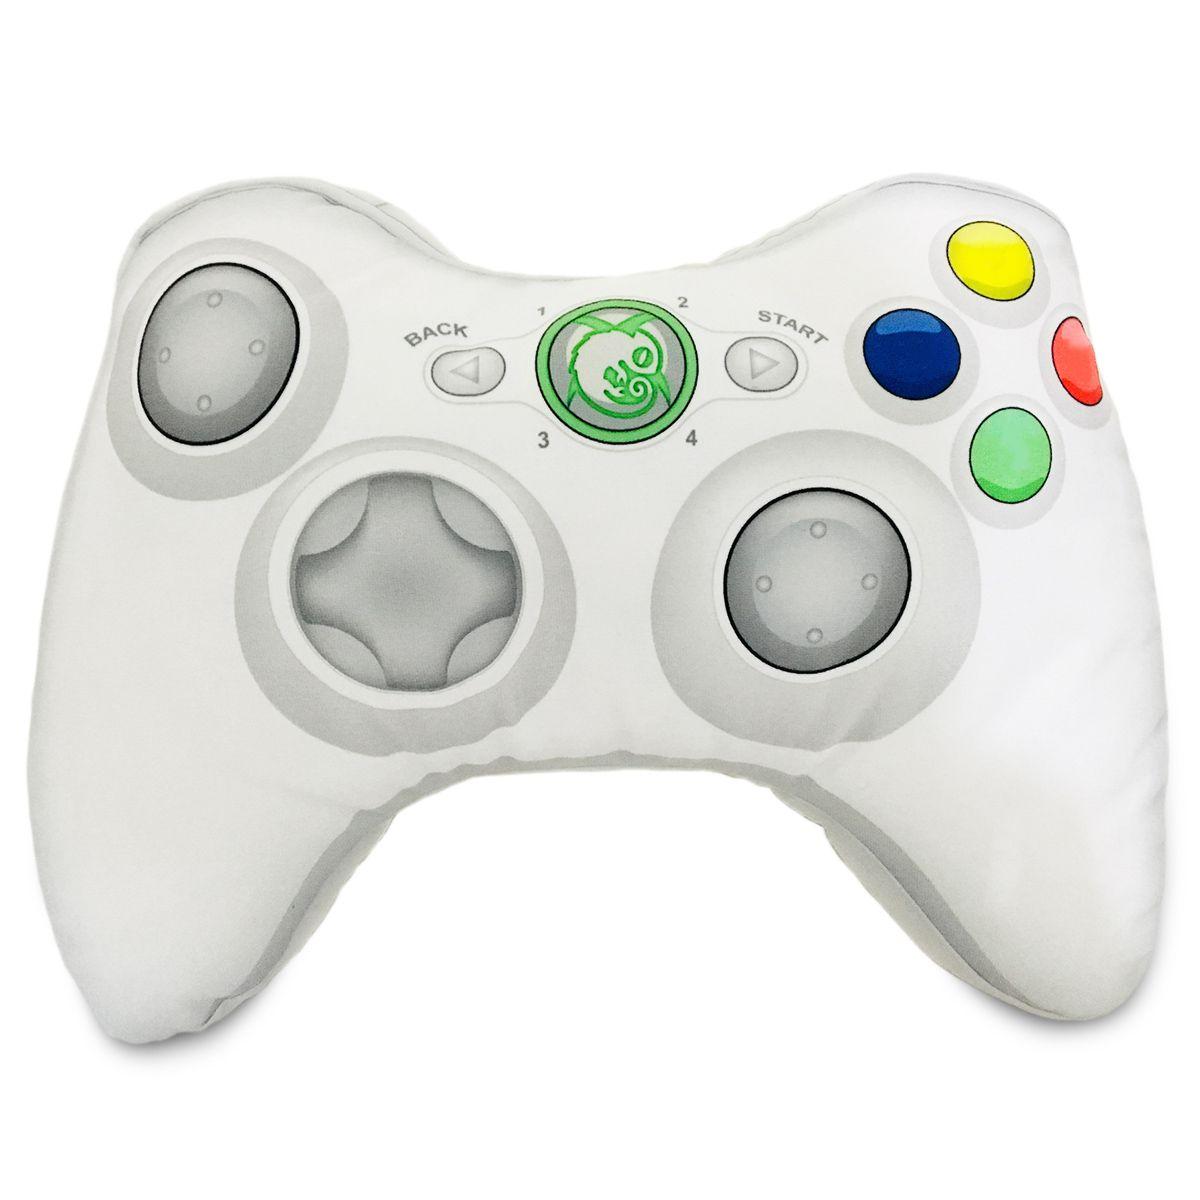 Almofada Gamer Formato De Controle De Video Game Xbox 360 Branca